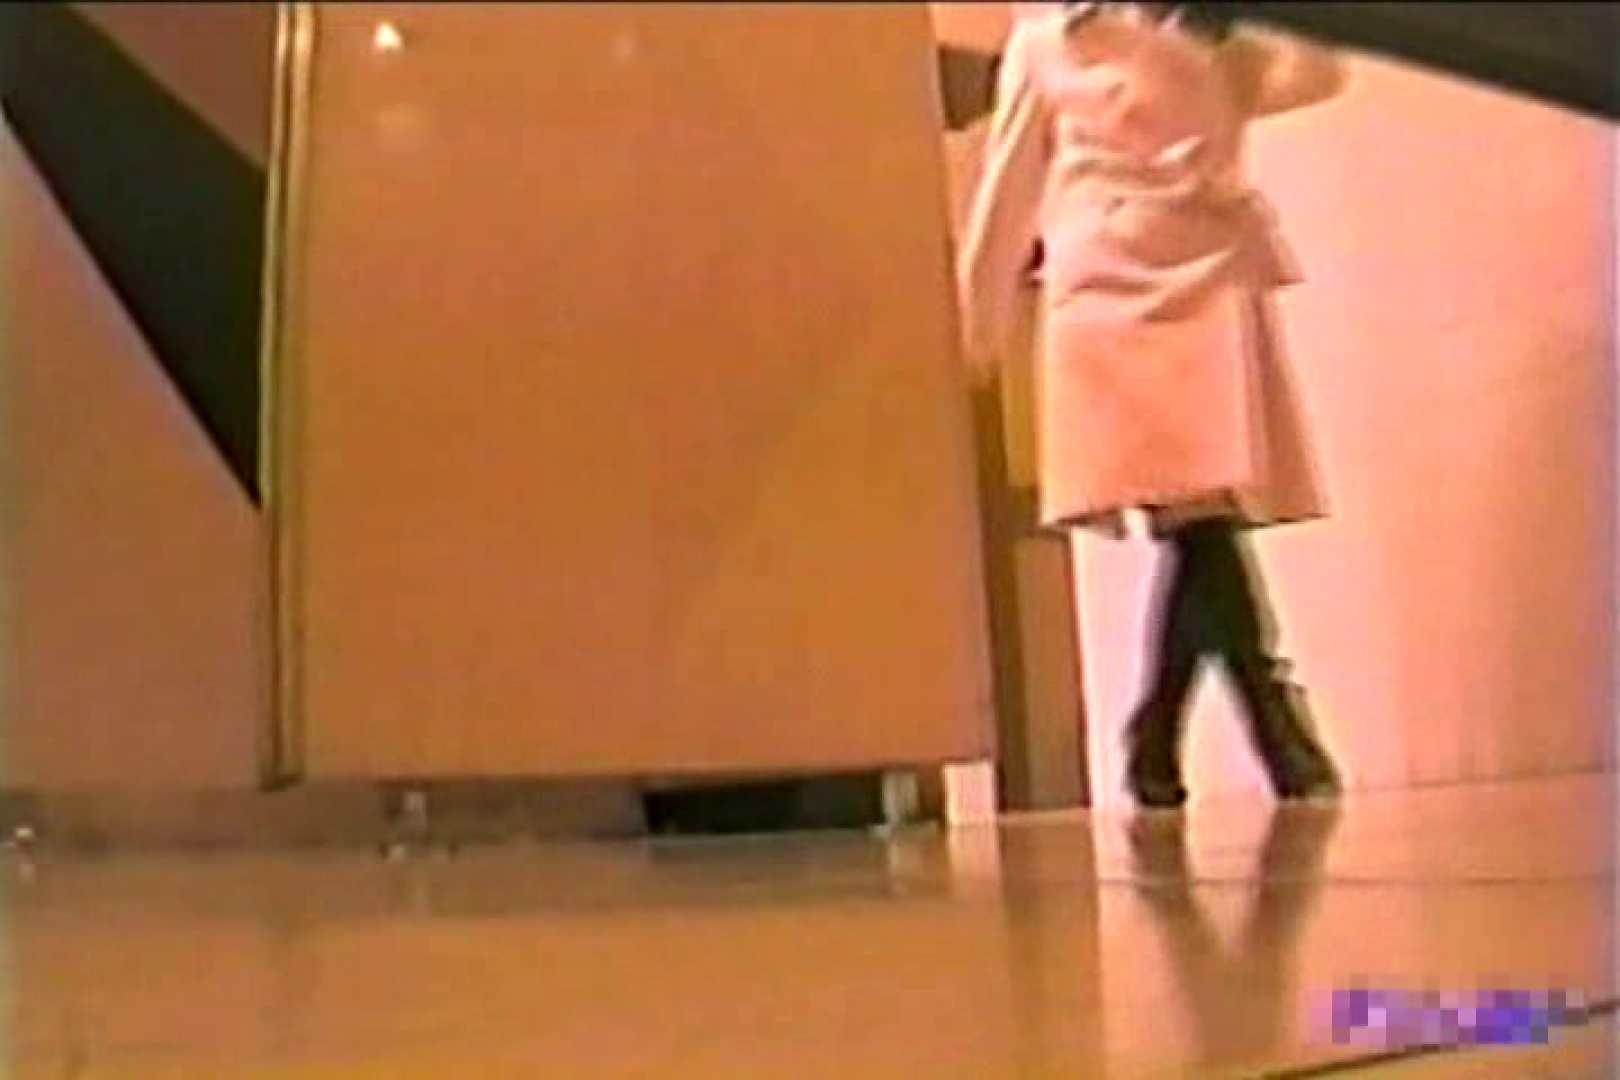 門外不出デパート洗面所 No.9 おまんこ無修正 盗撮オマンコ無修正動画無料 41pic 3